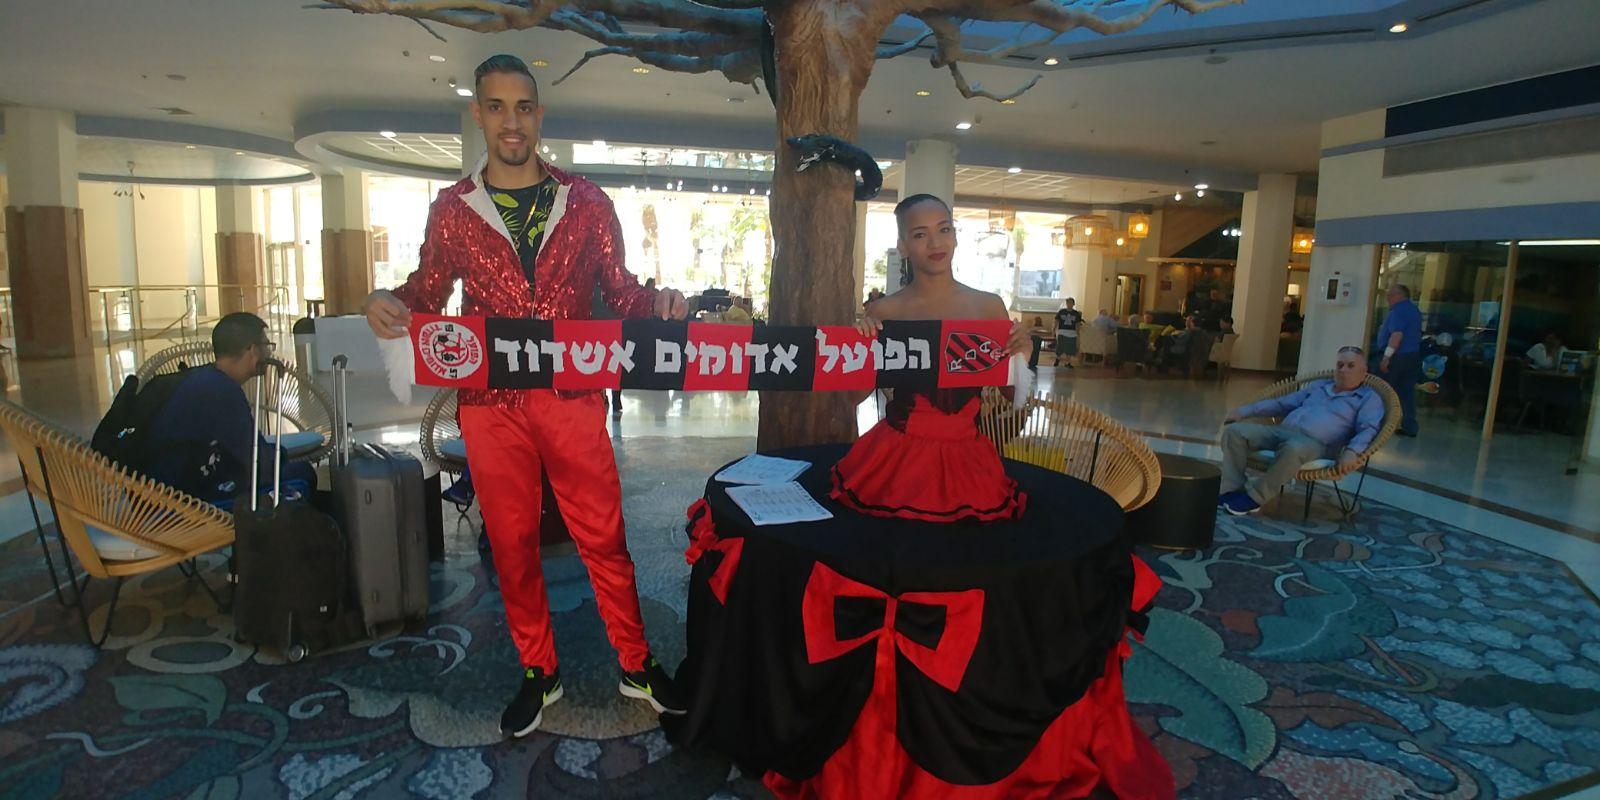 הפועל אדומים אשדוד הגיעה בליווי מאות אוהדים